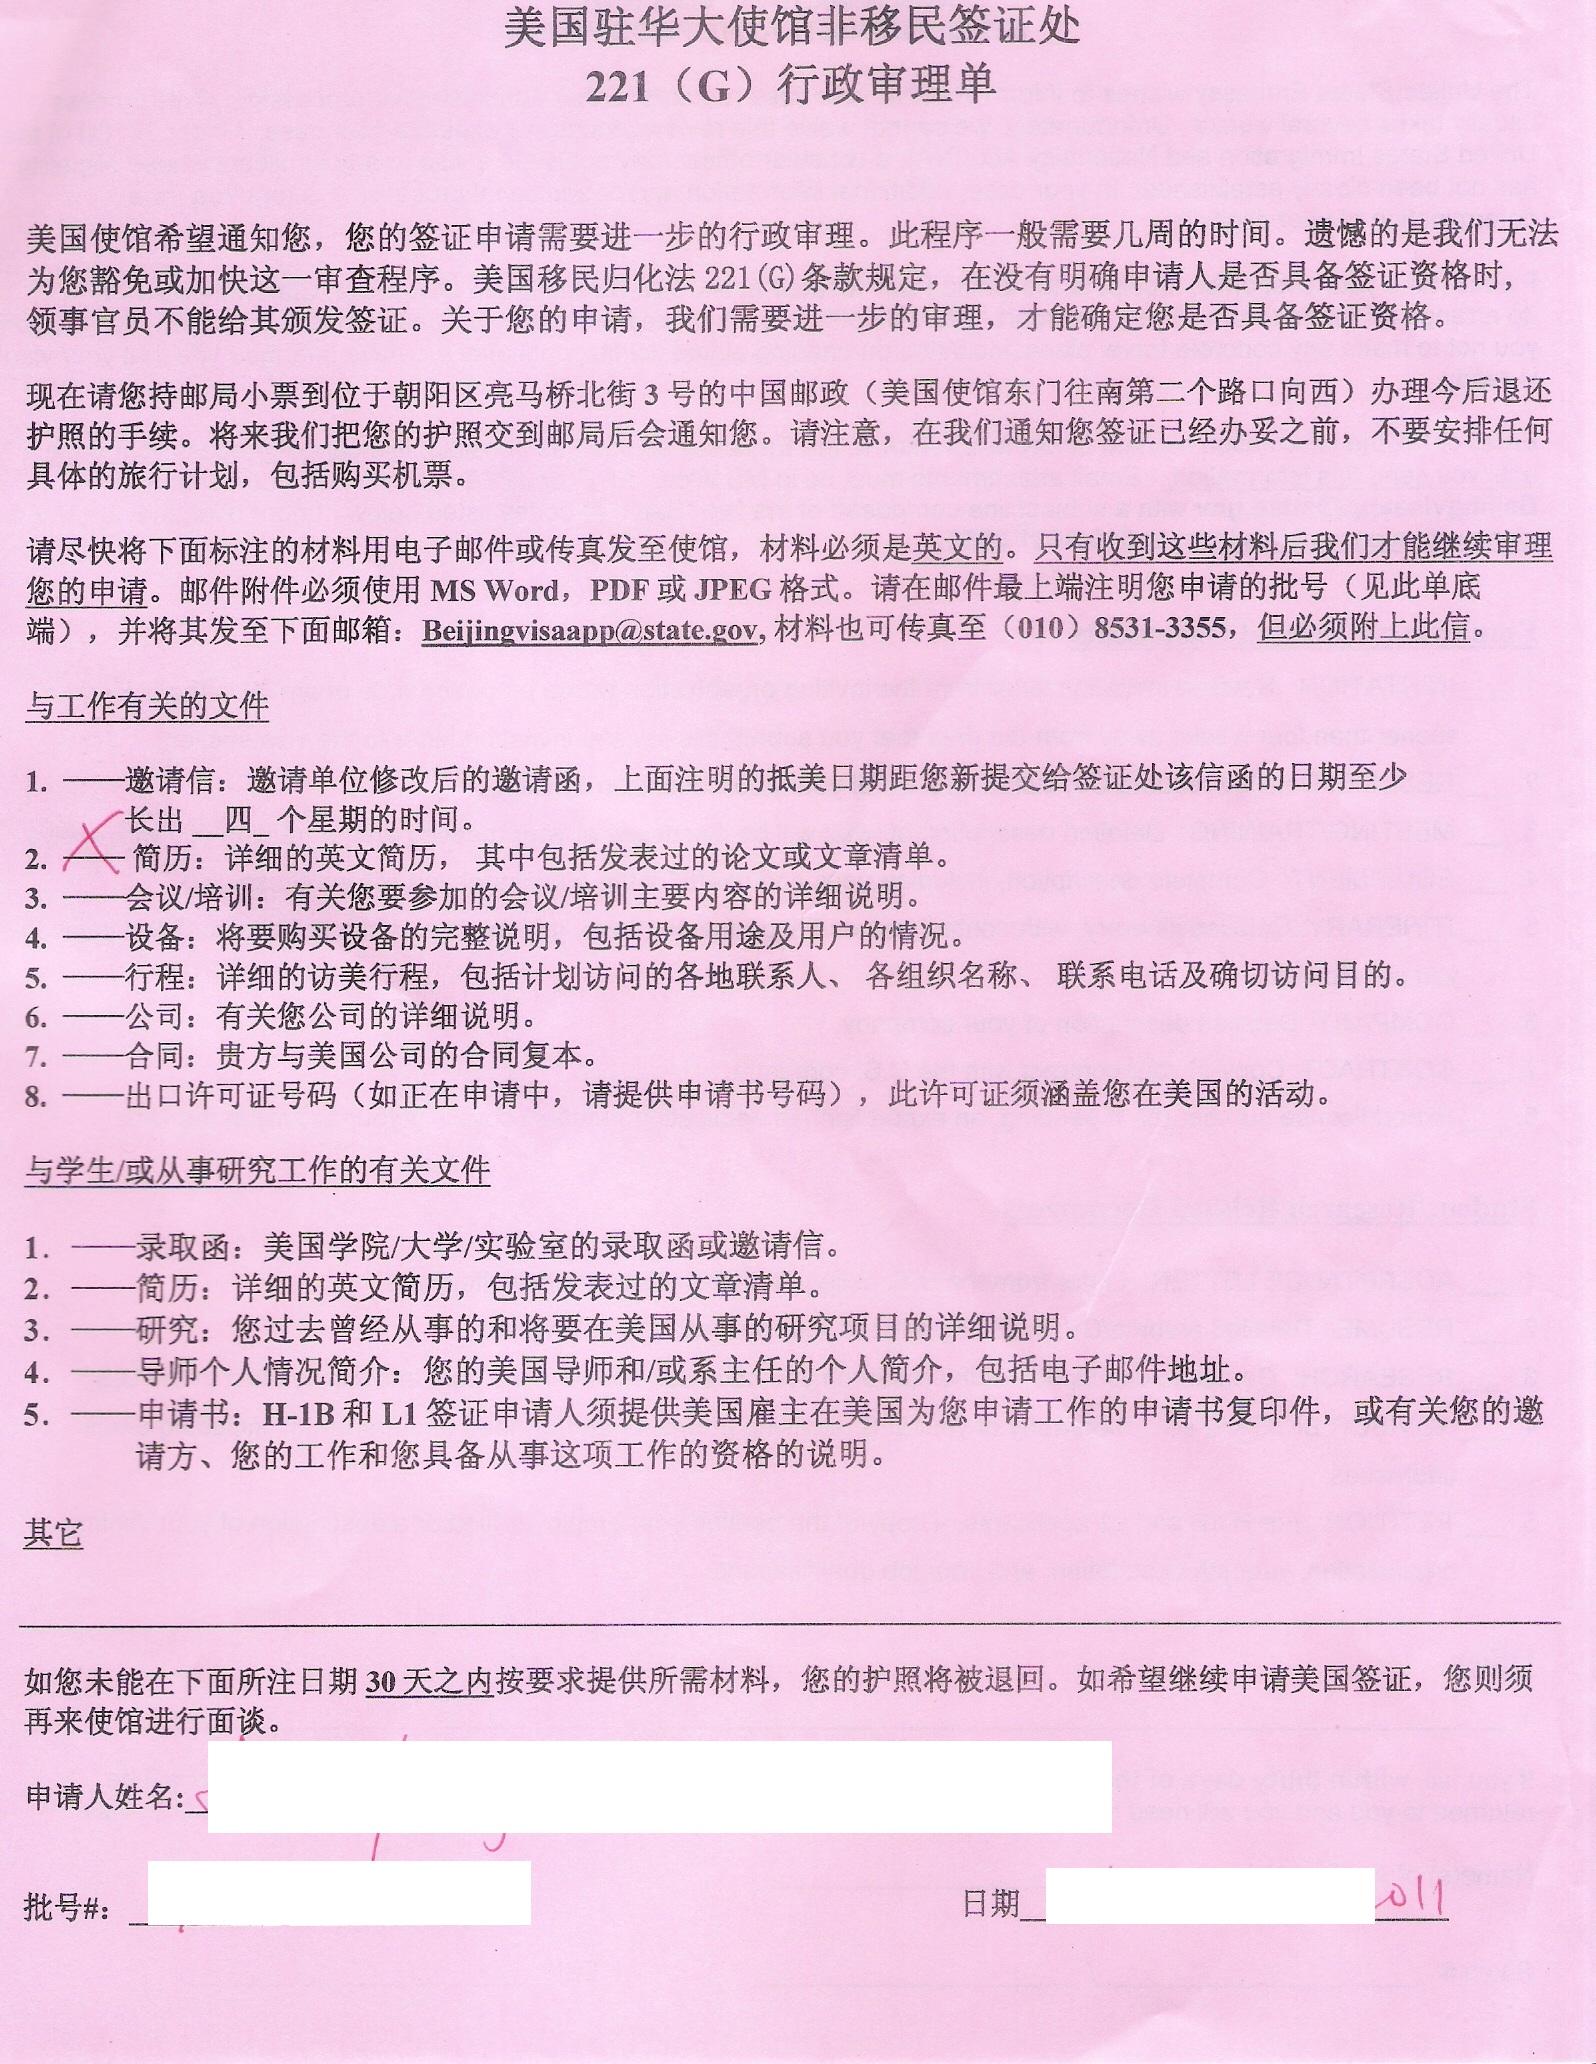 美国签证221(G)行政审理单特别说明(图文) - 爱旅行网